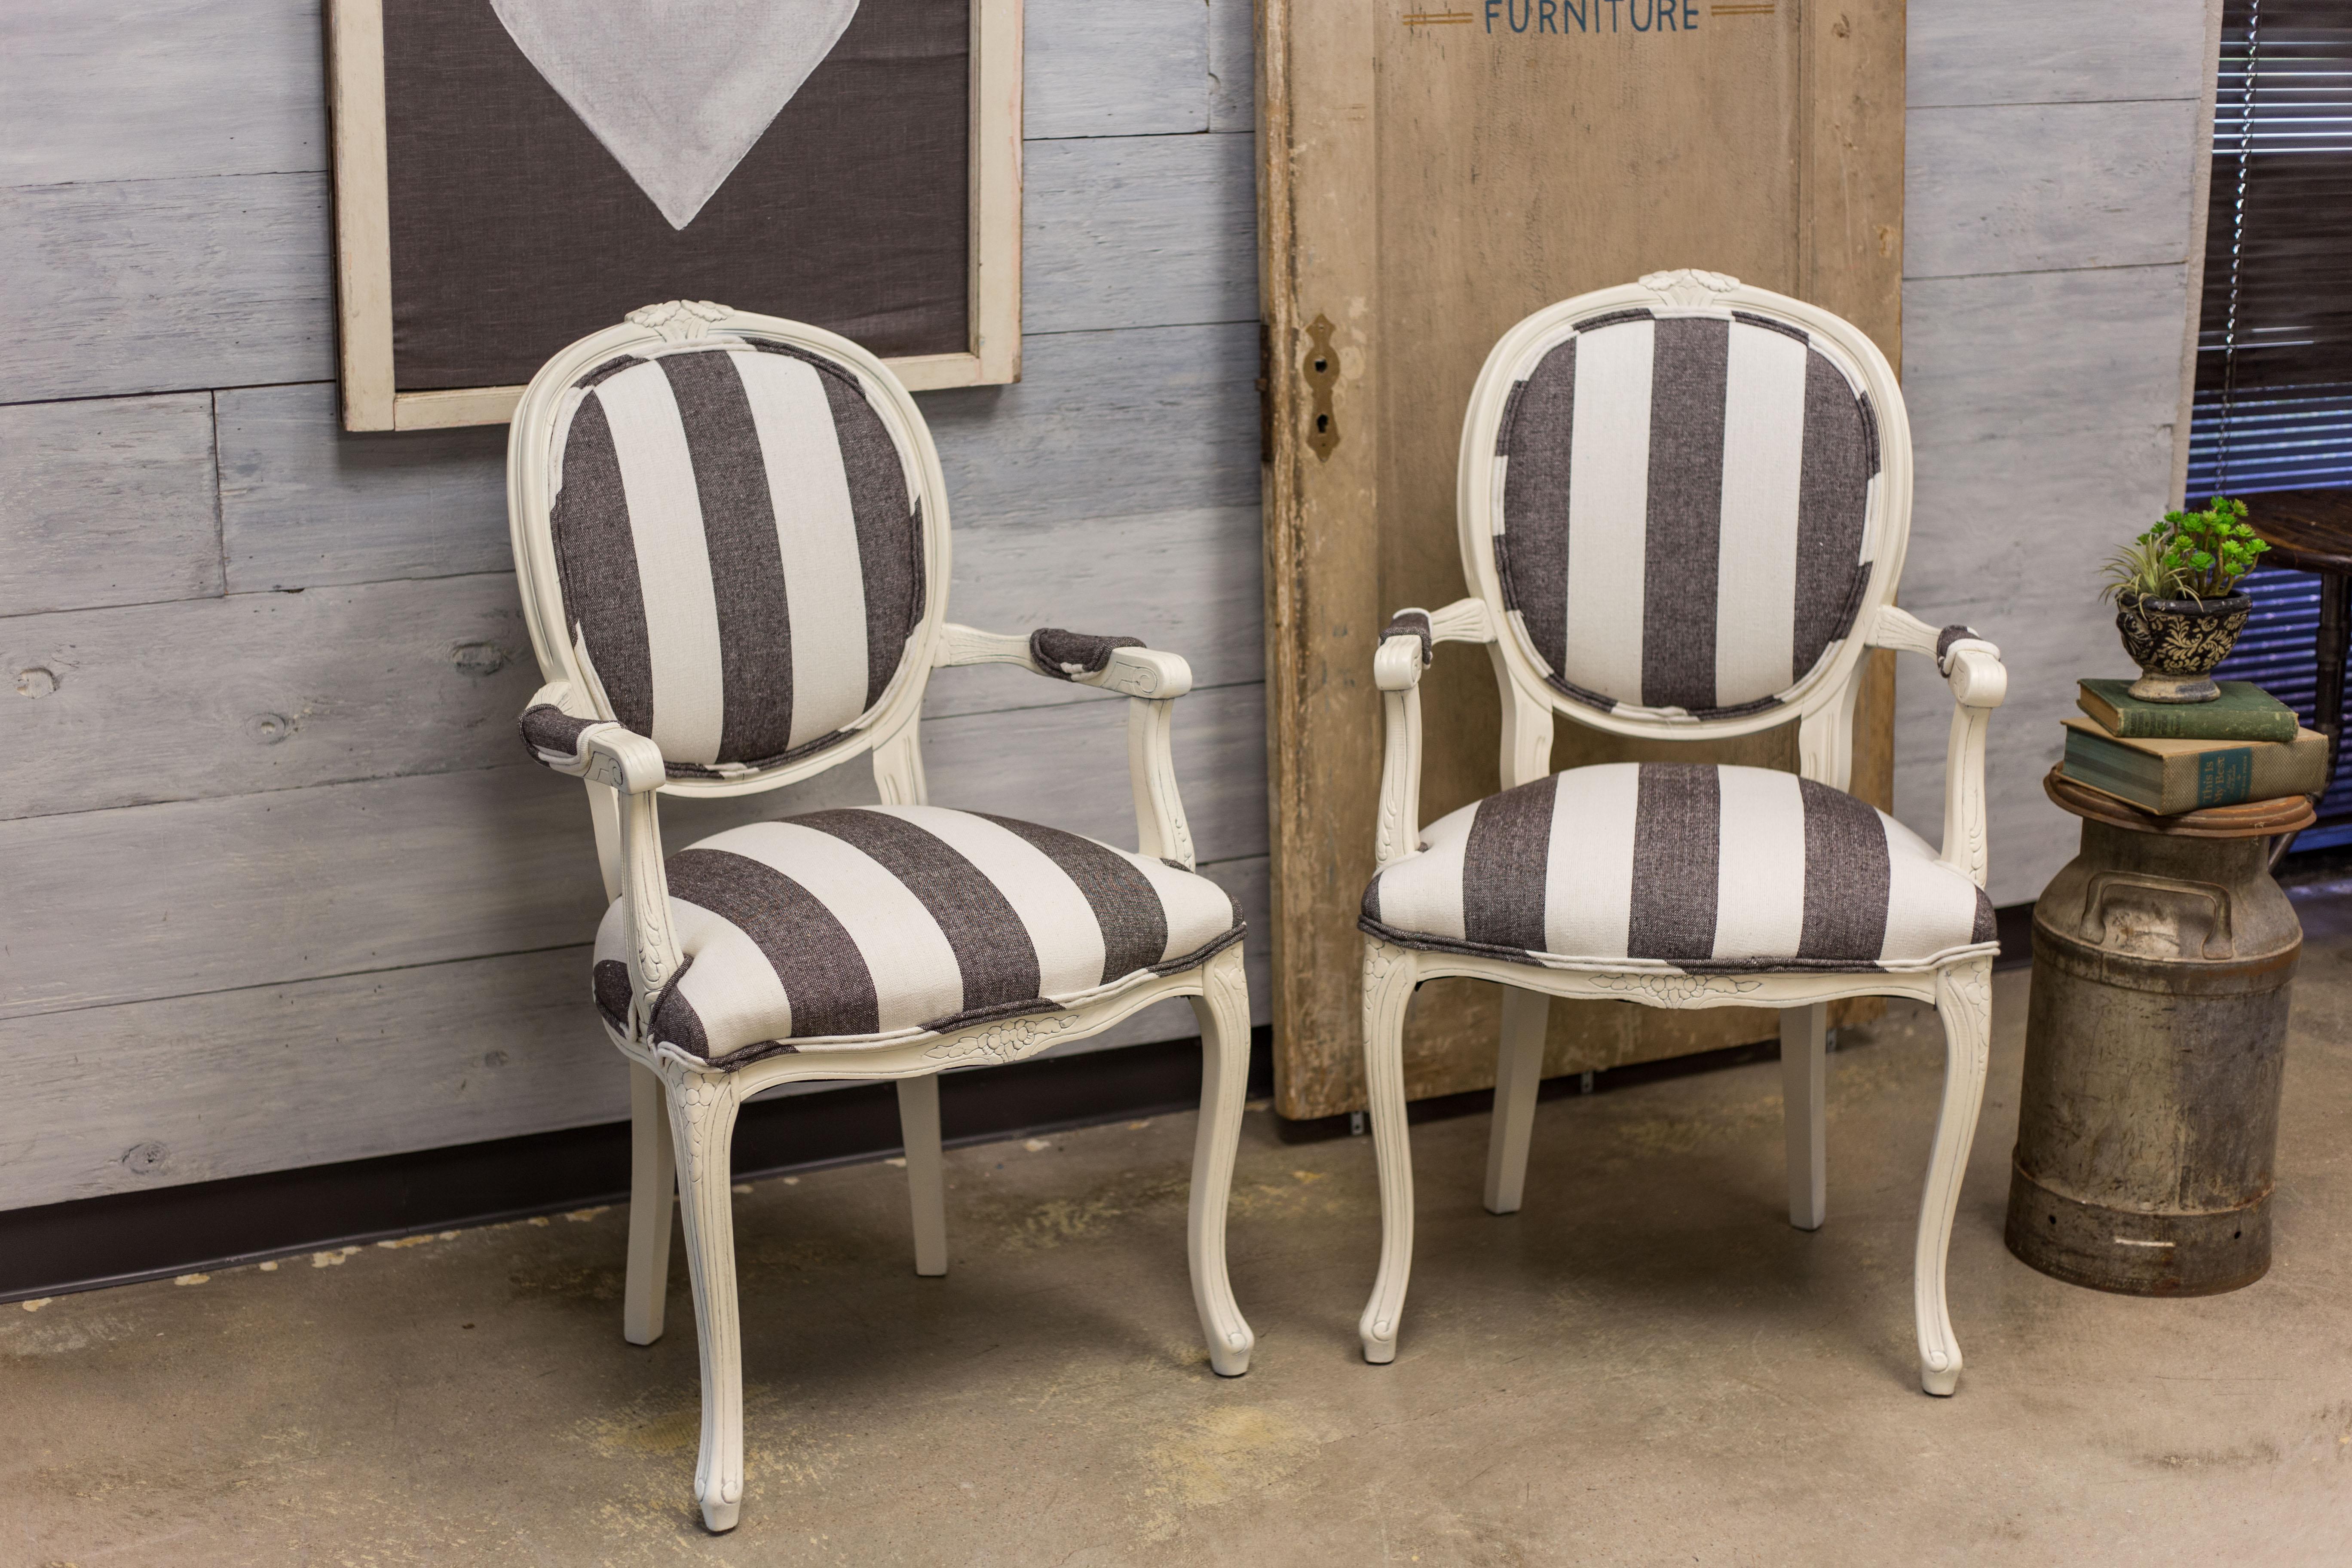 BA Furniture Photos050